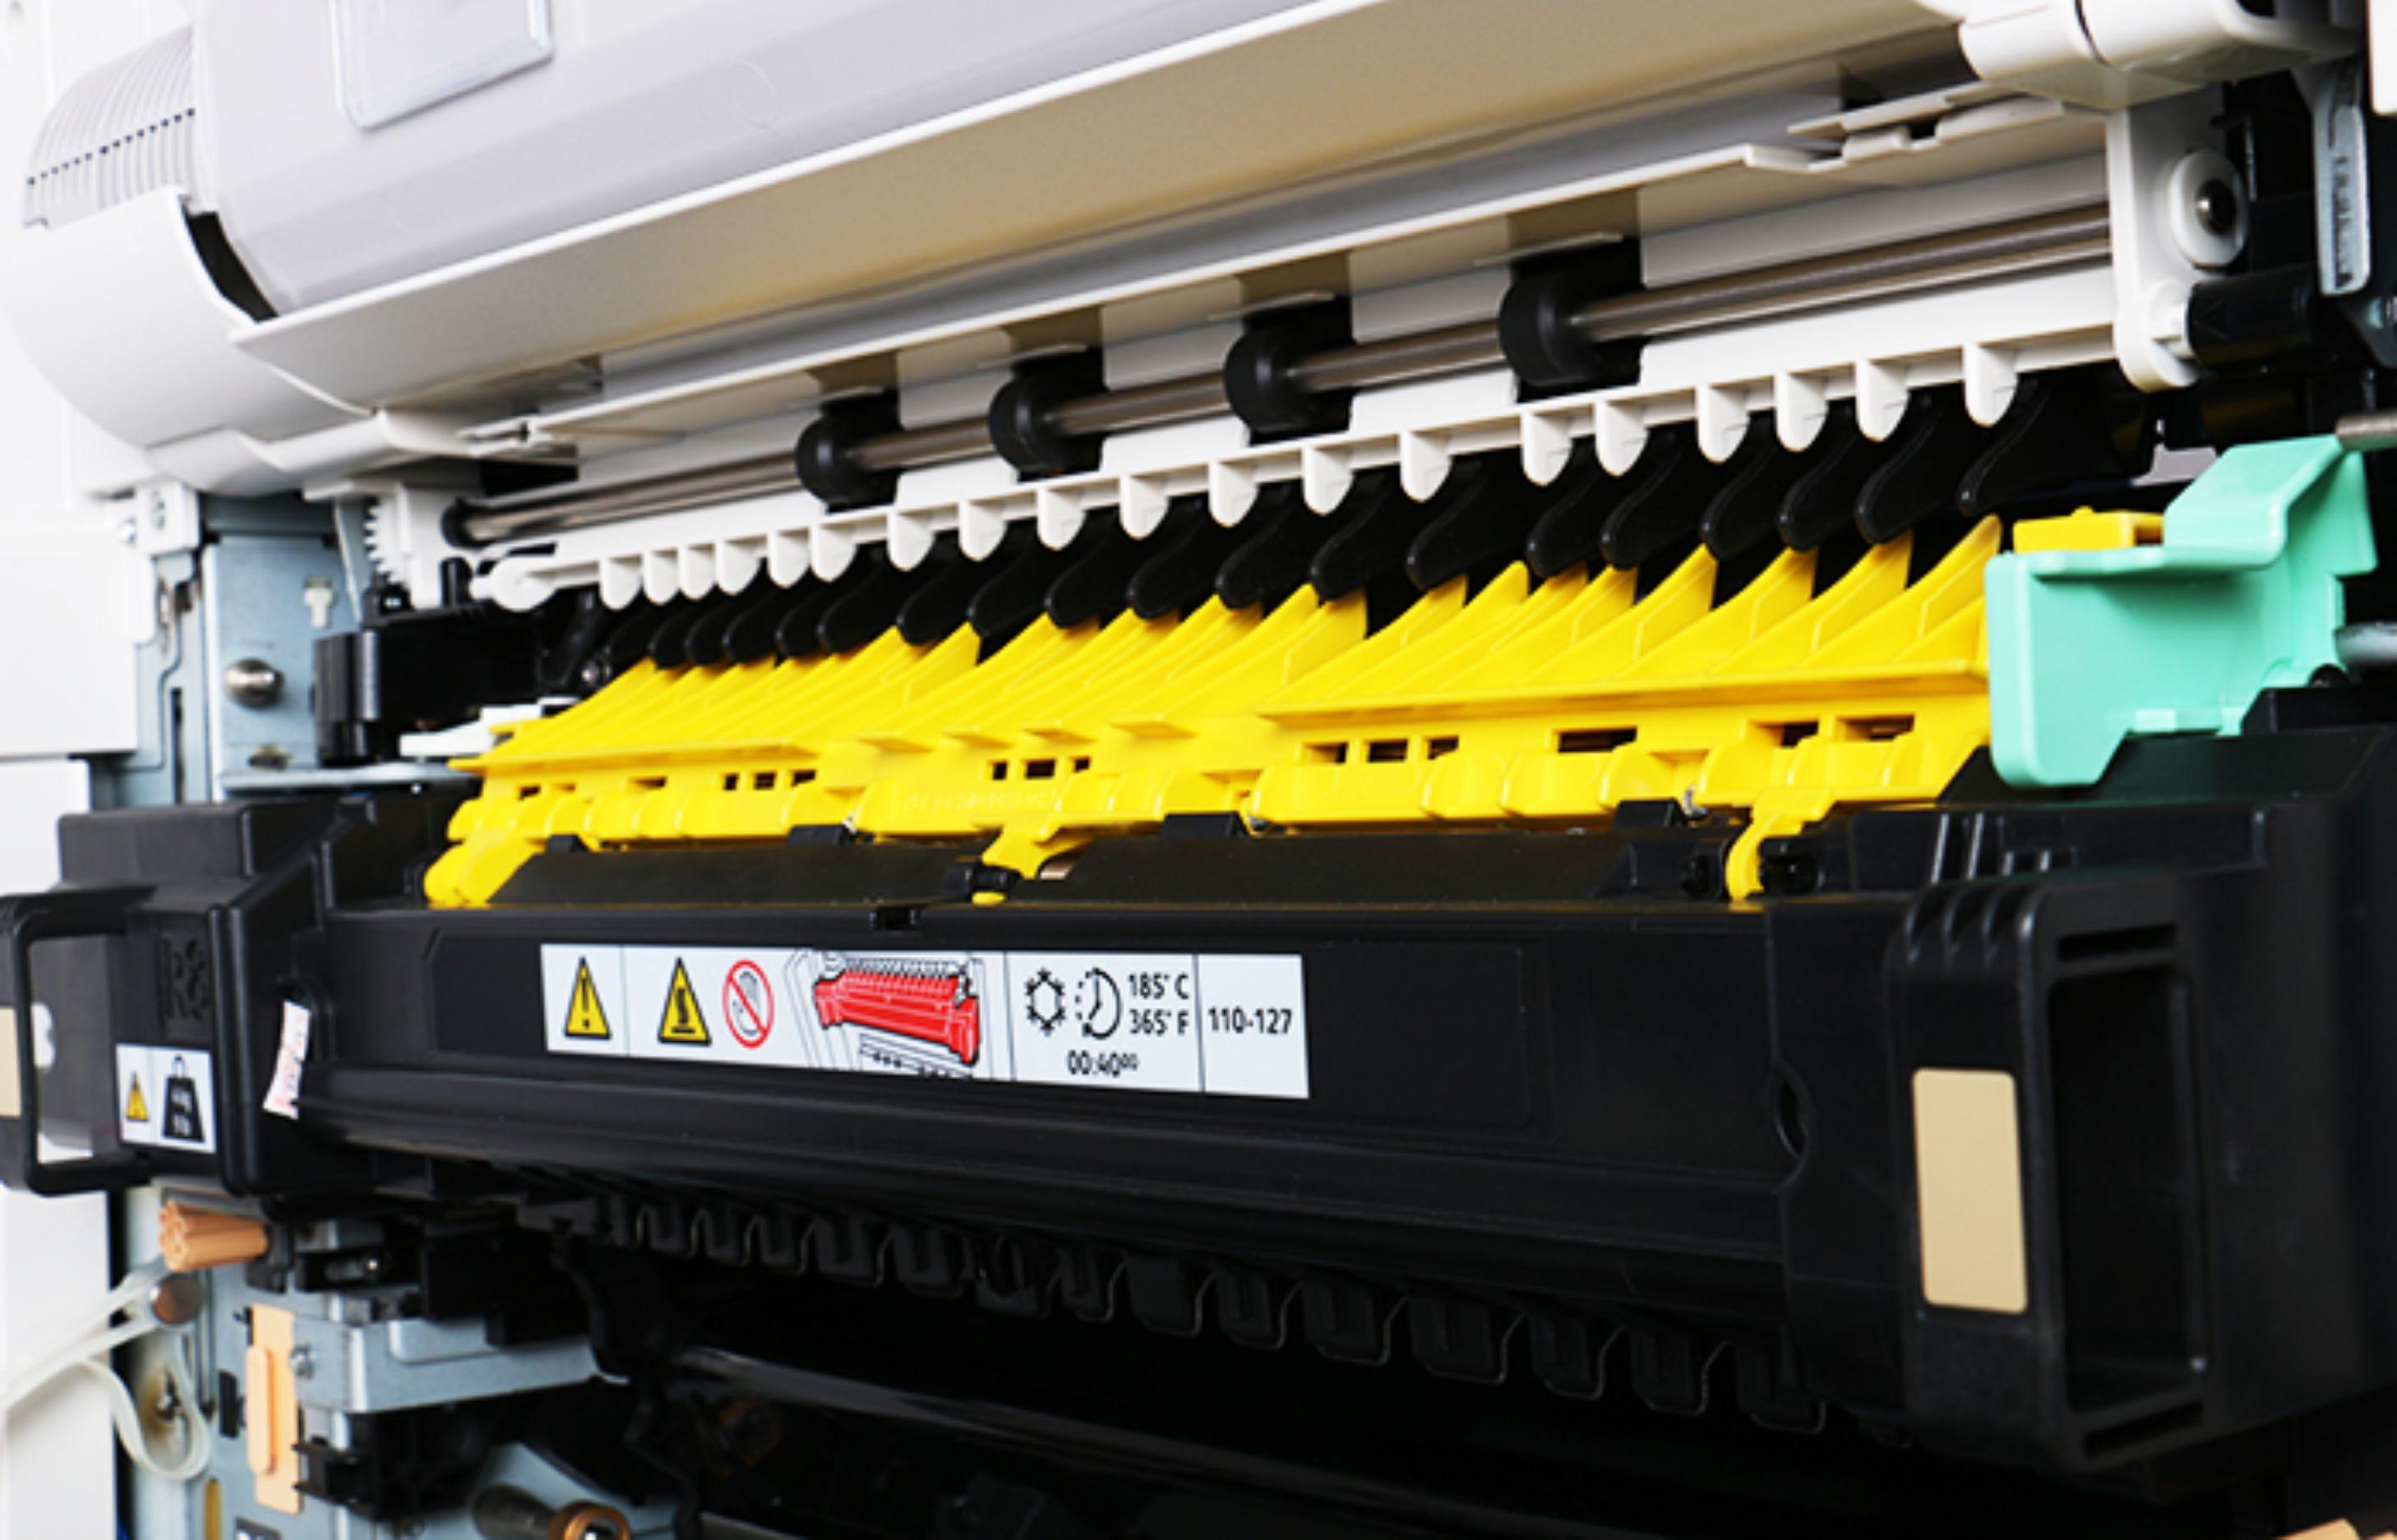 施乐彩色复印机五代7835/7845/7855高精度多功能一体机打印机定影器出售